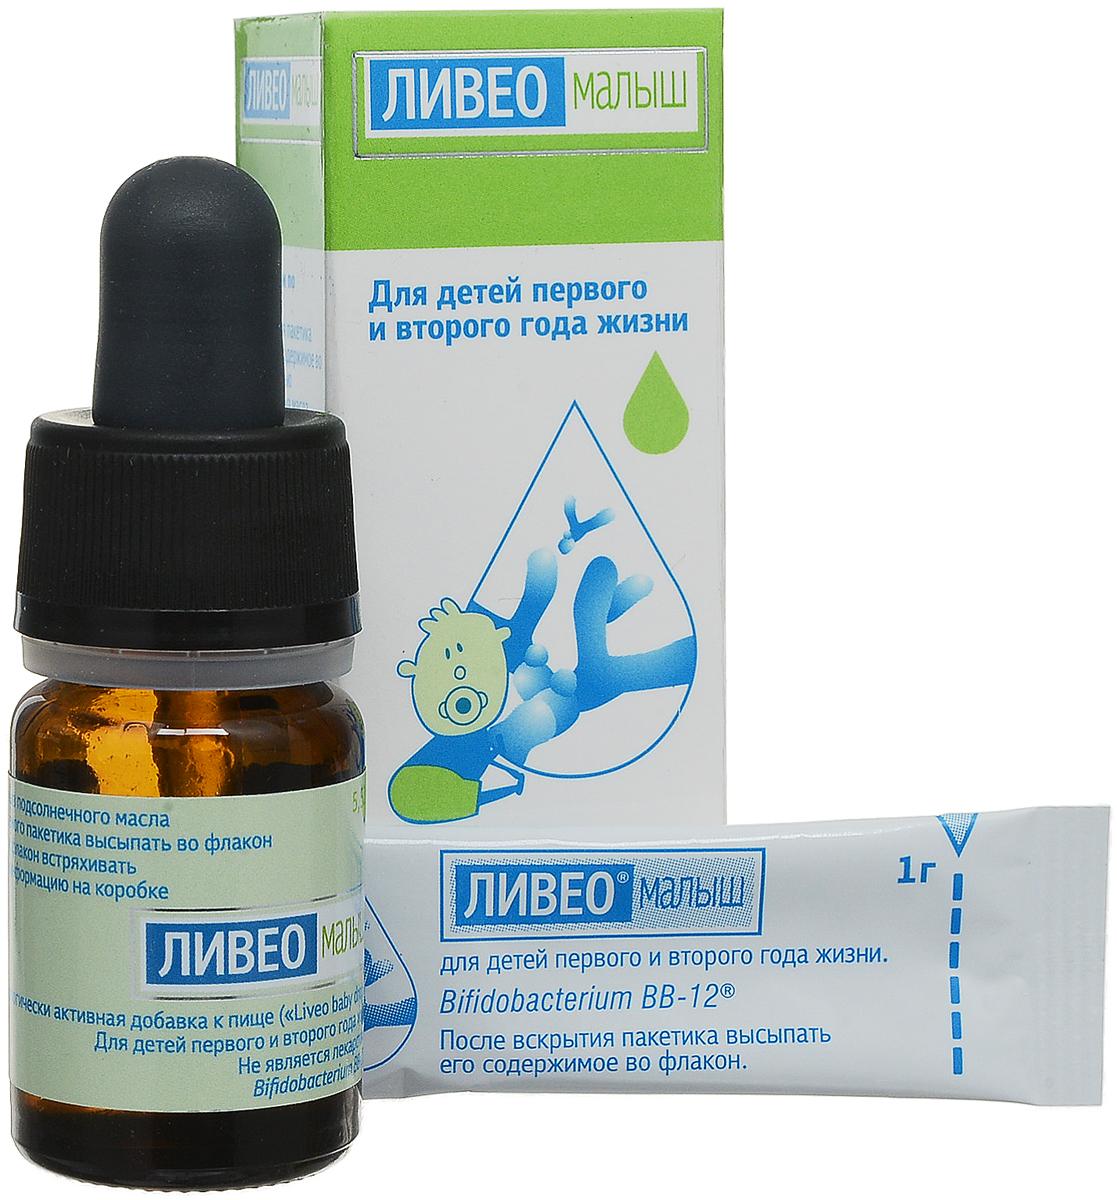 Ливео Малыш, набор для суспензии, 6,52 г214340Ливео Малыш cпособствует восстановлению микрофлоры и поддержанию здоровья пищеварительного тракта. Сфера применения: ГастроэнтерологияПробиотическое и пребиотическое